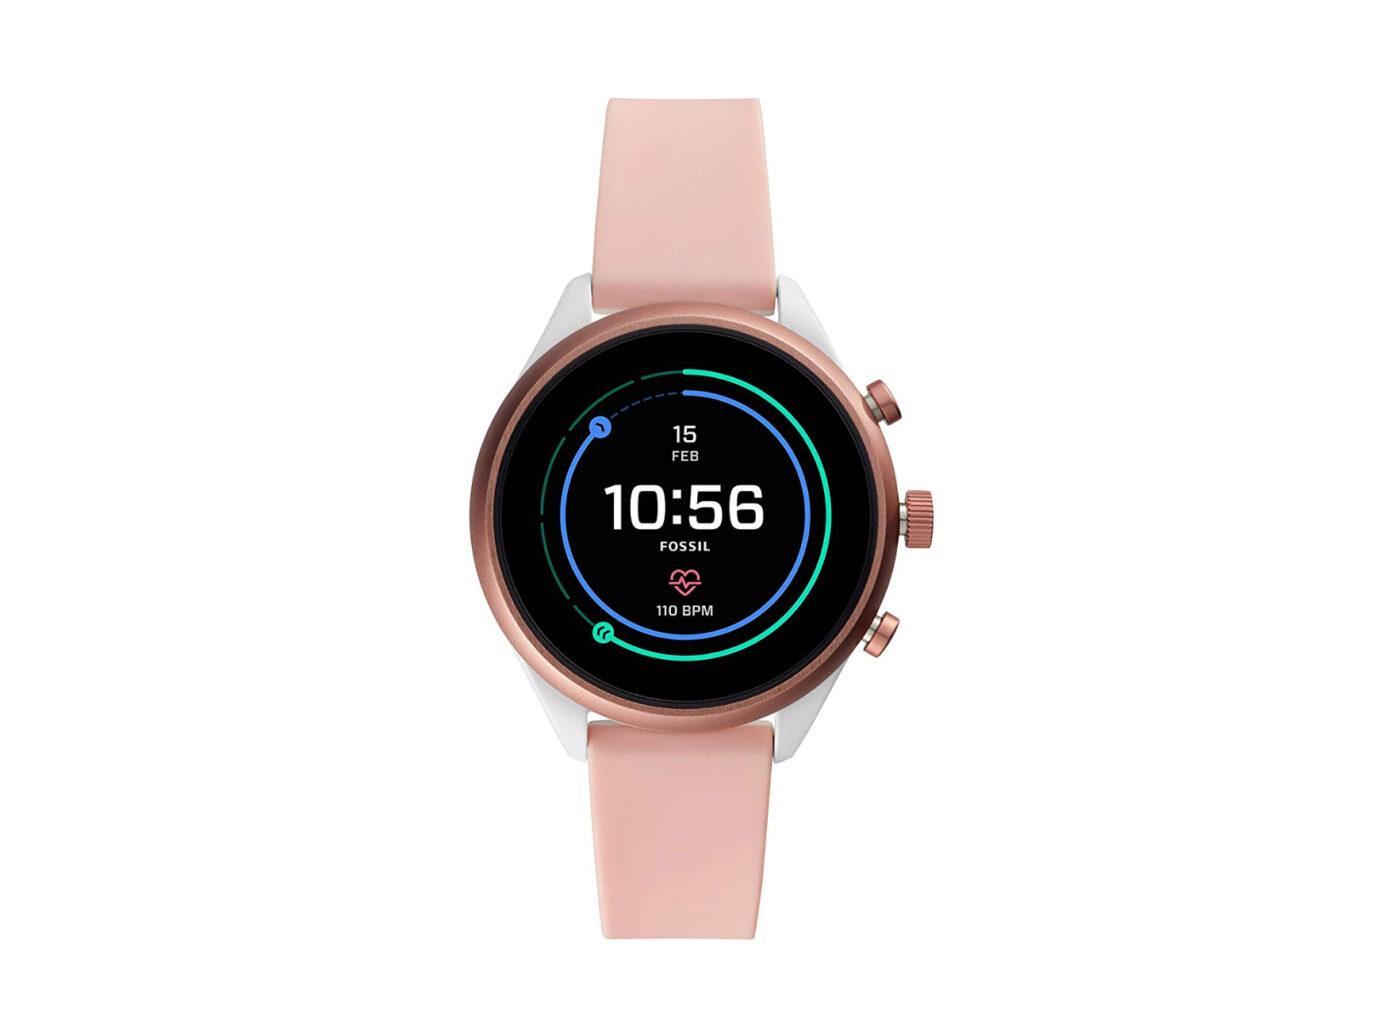 Fossil Women's Sport Touchscreen Smartwatch